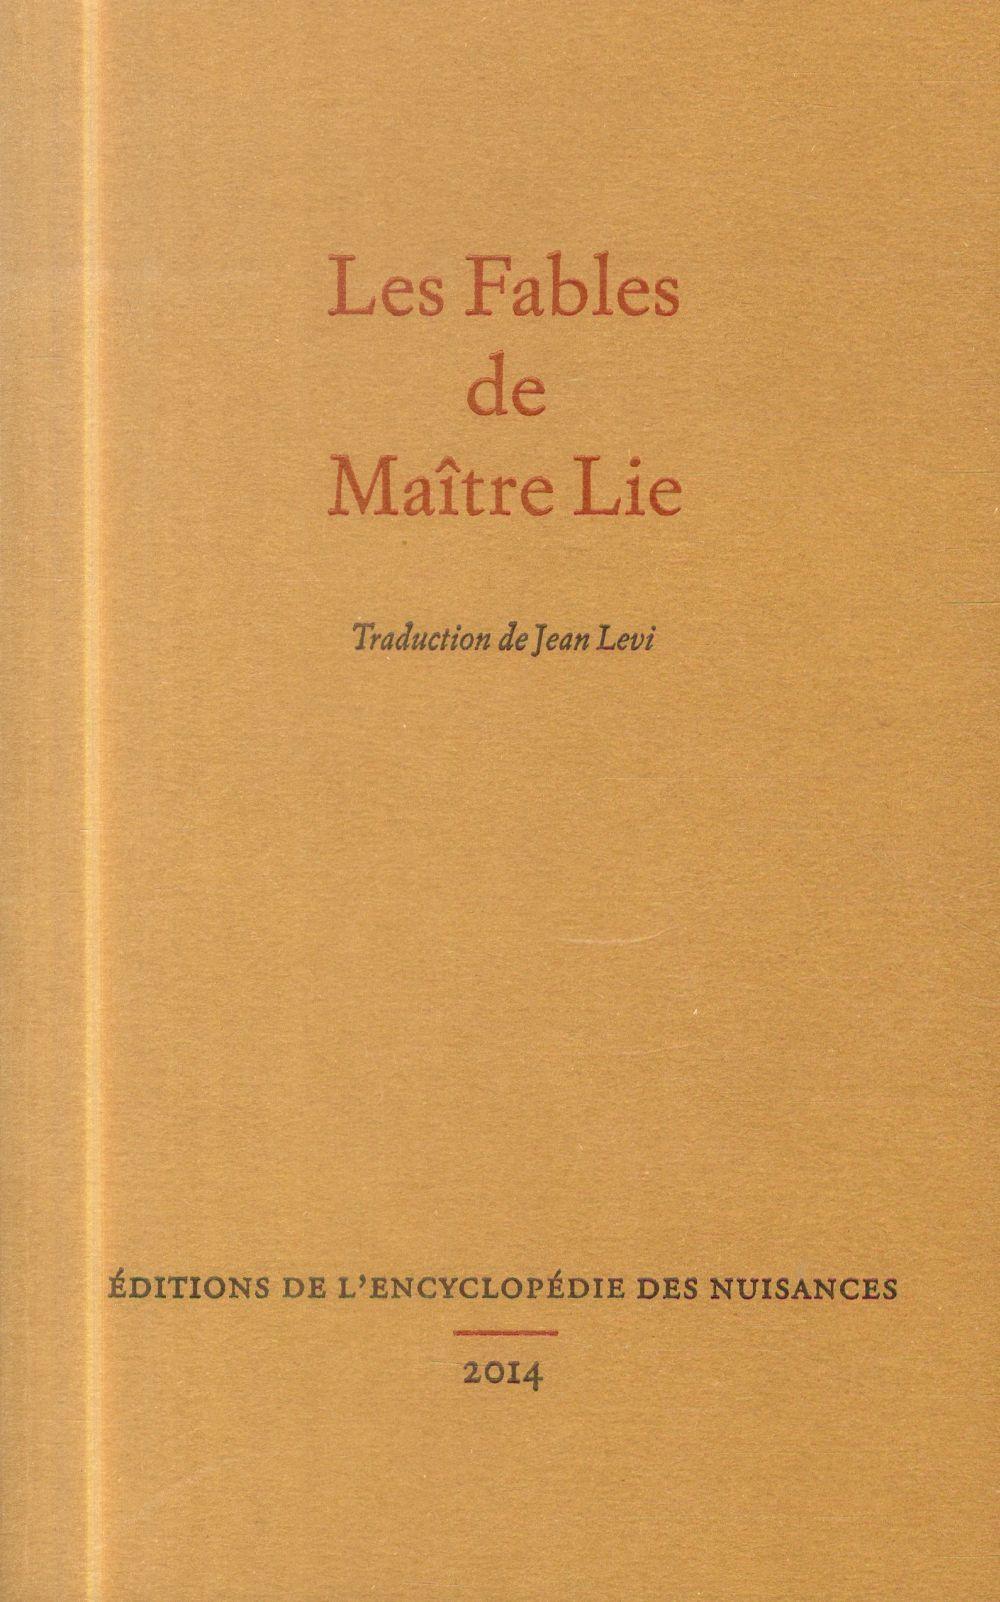 LES FABLES DE MAITRE LIE